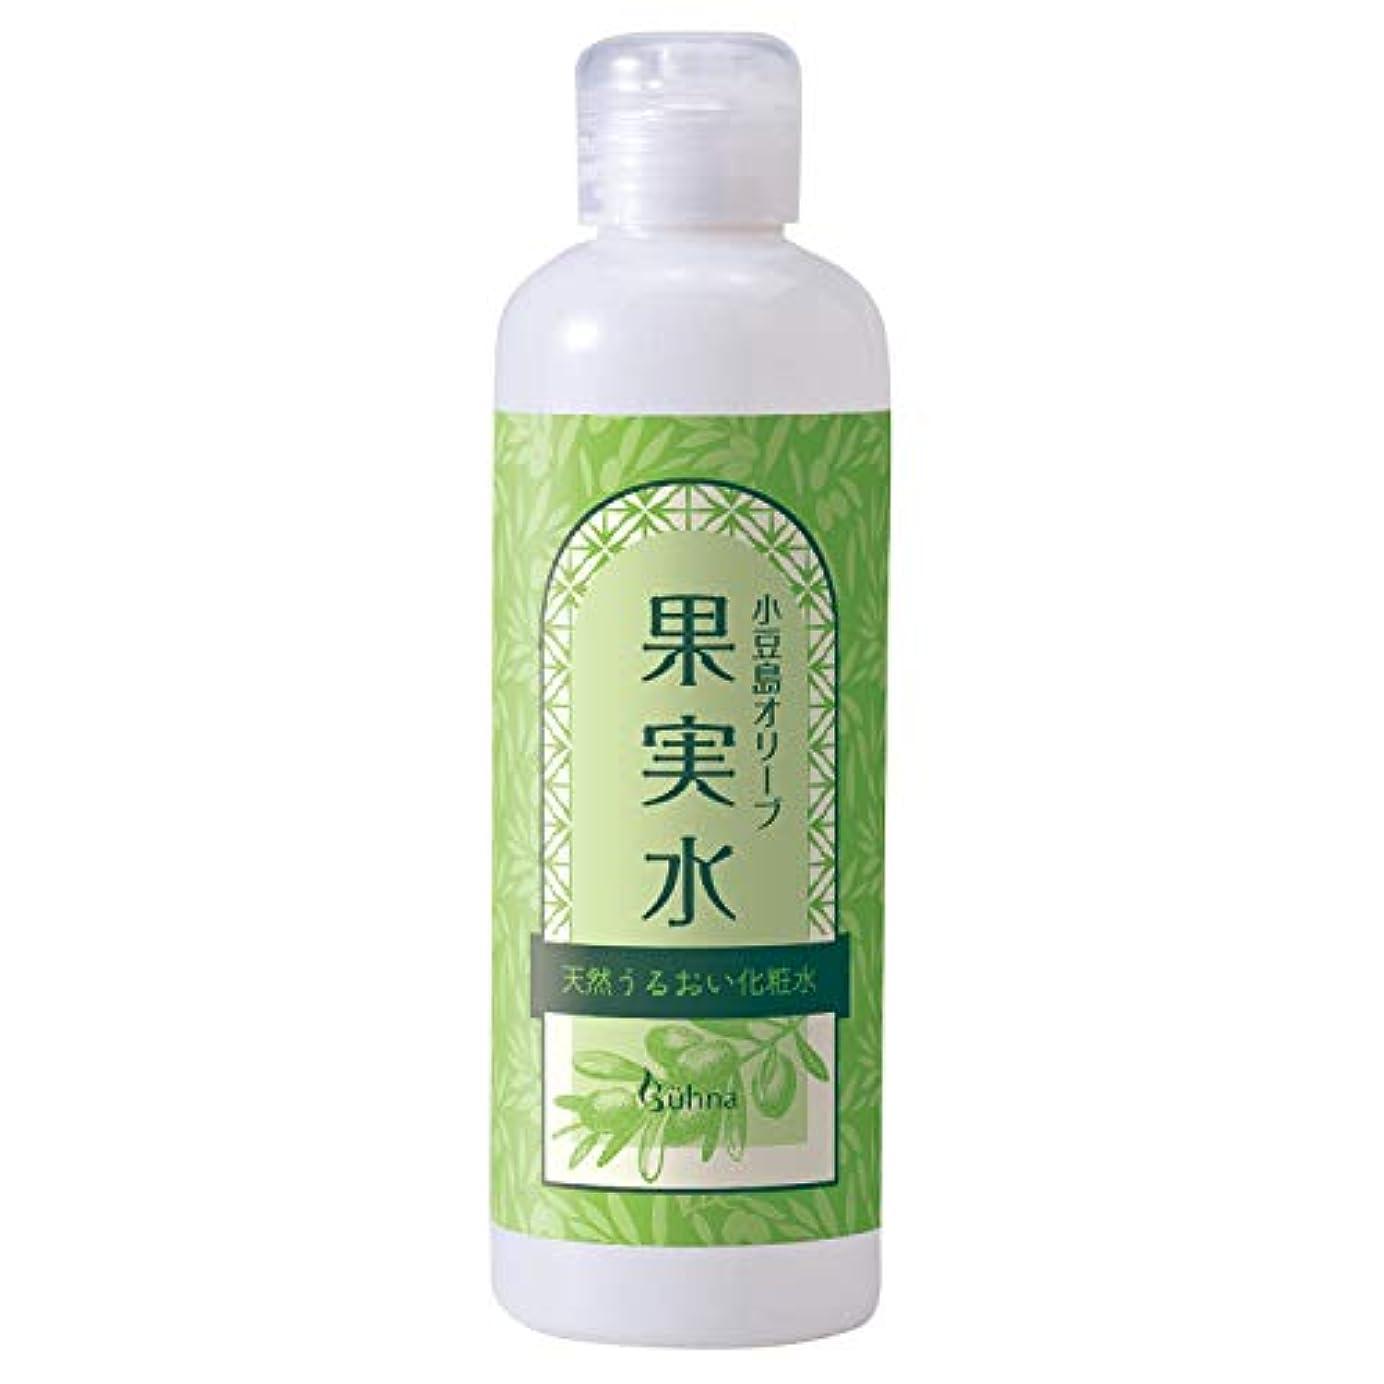 取るヒップボイコットビューナ 小豆島オリーブ果実水 化粧水 保湿 オリーブオイル 無着色 アルコールフリー パラベンフリー 合成香料不使用